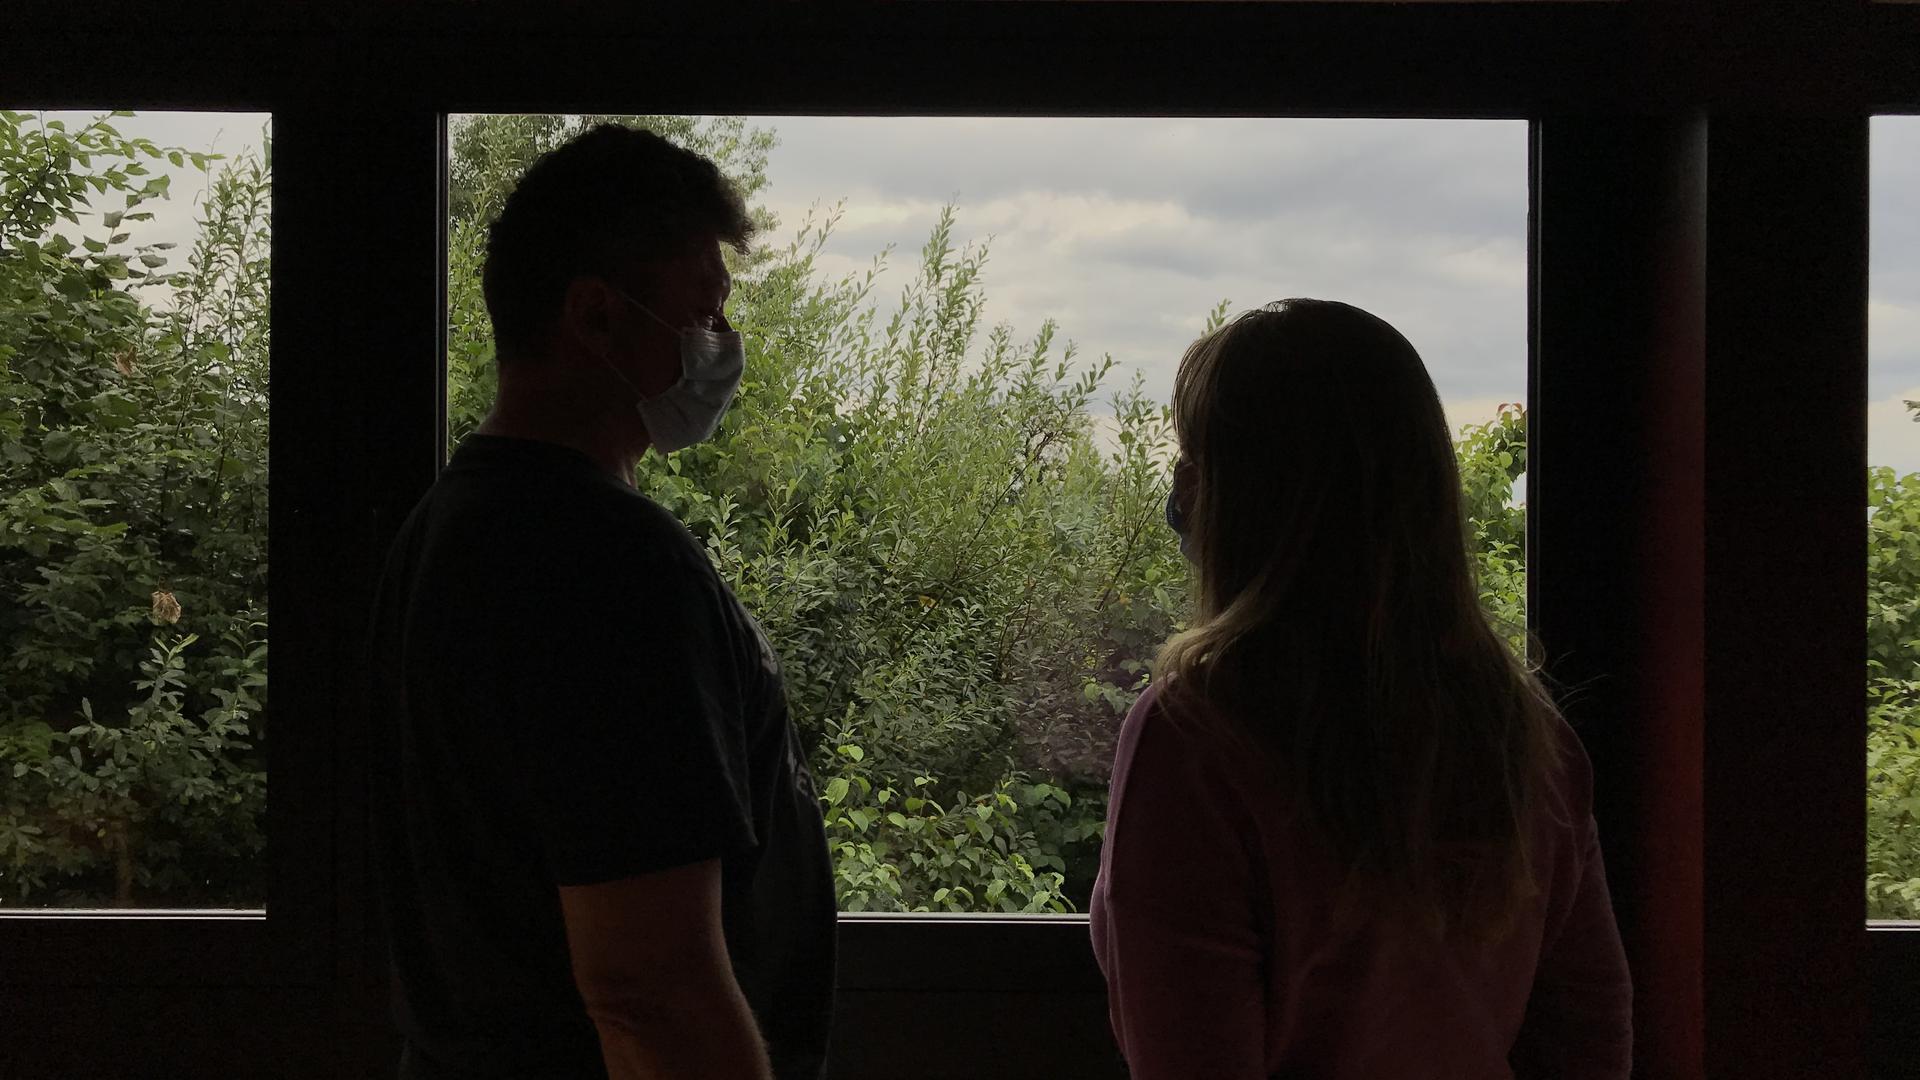 zwei Silhouetten vor einem Fenster